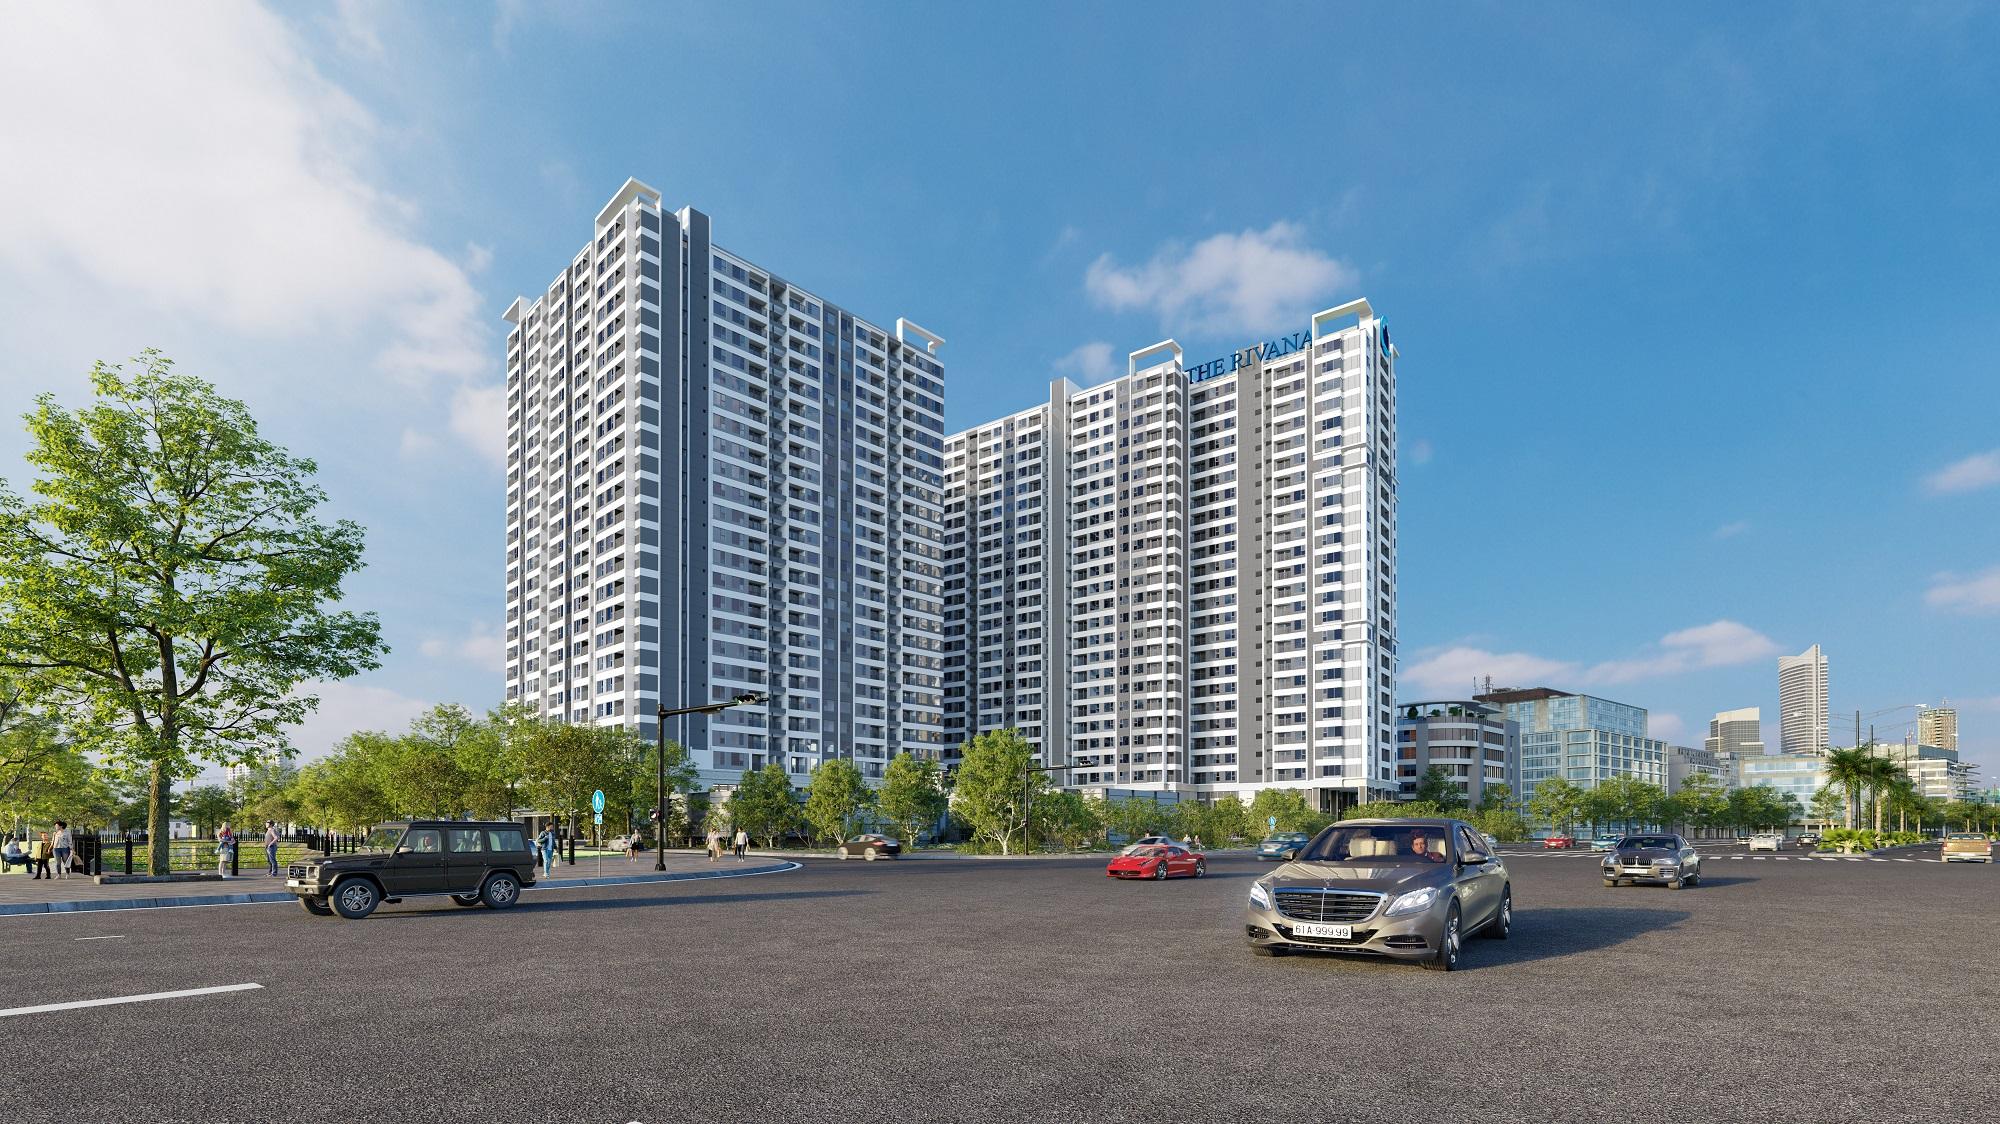 Dự án căn hộ The Rivana Đất Xanh Bình Dương, Quốc lộ 13, Thuận An